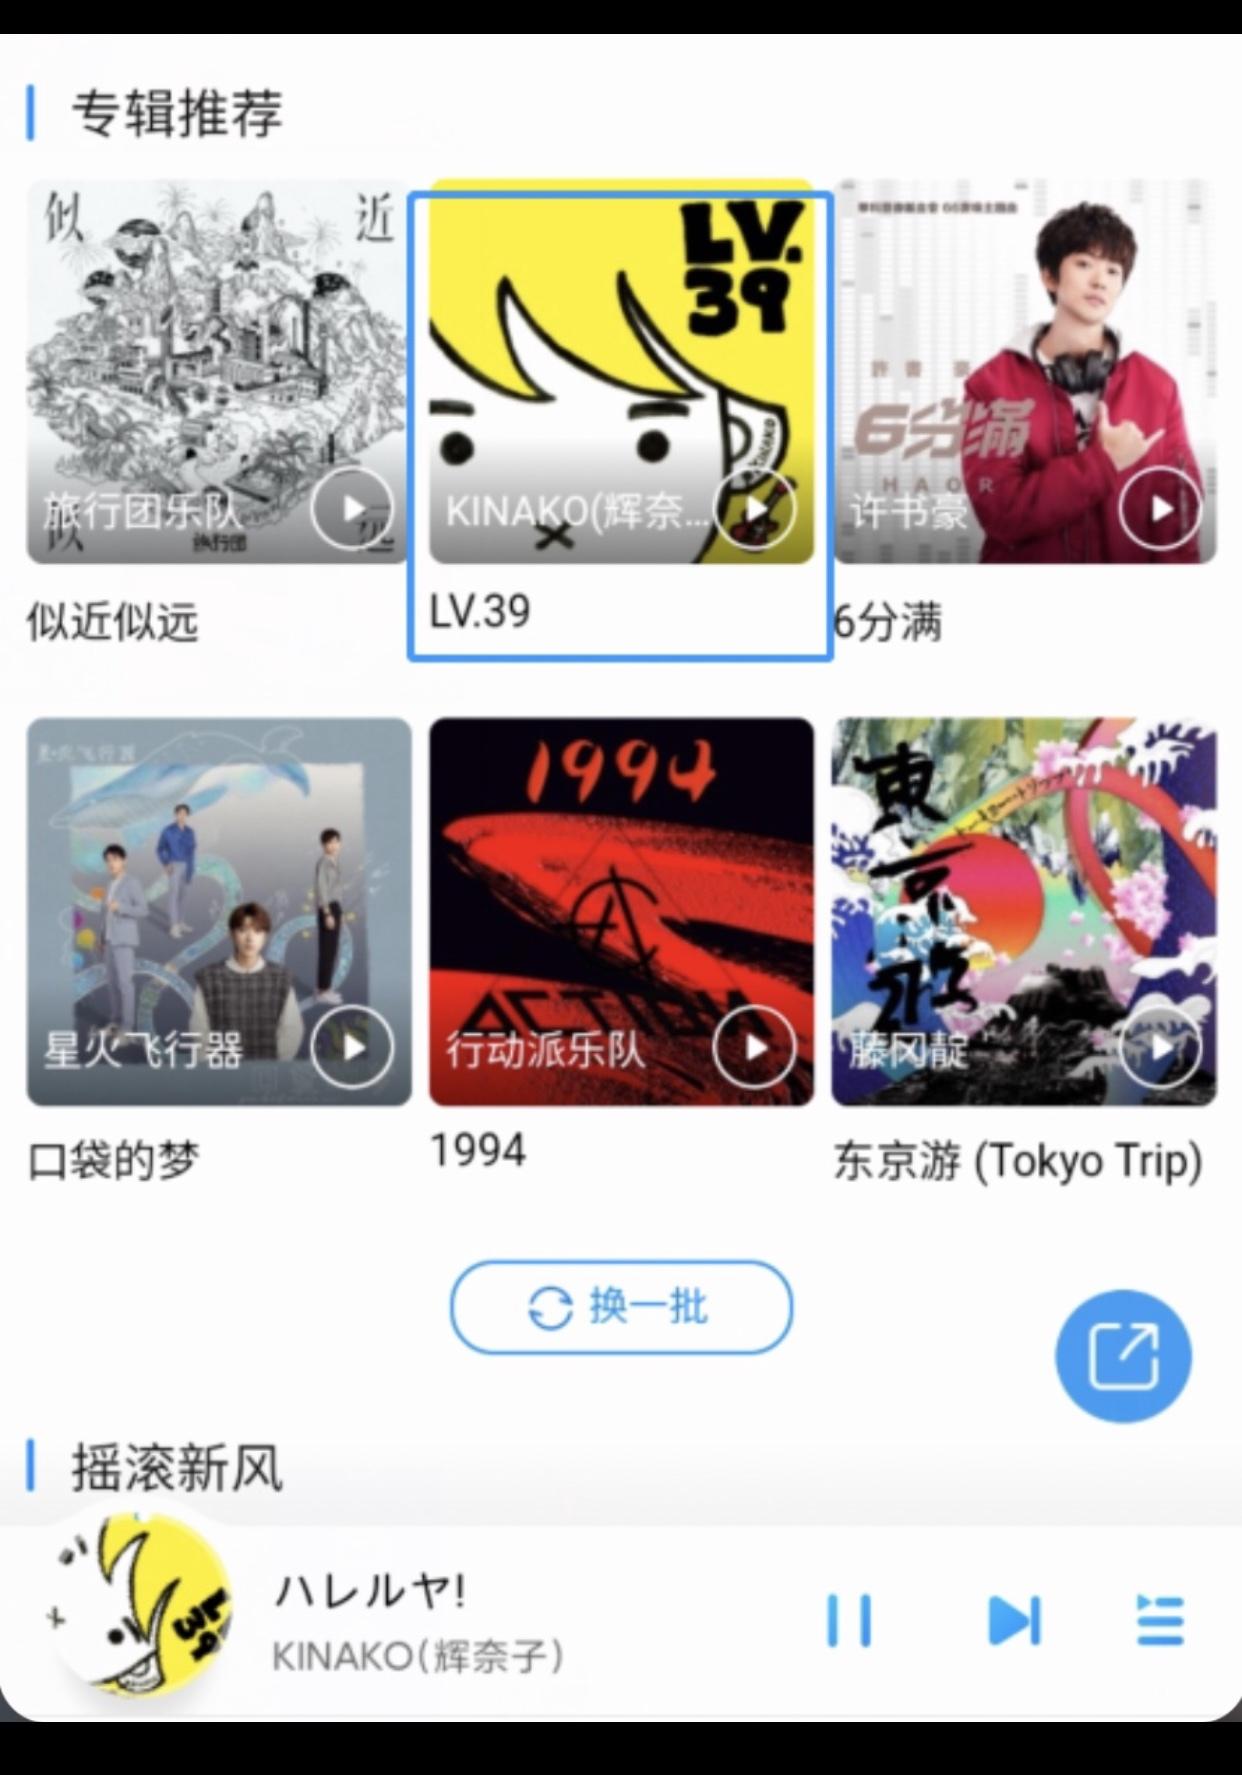 中国でキナコ楽曲配信開始!_f0115311_18415607.jpeg